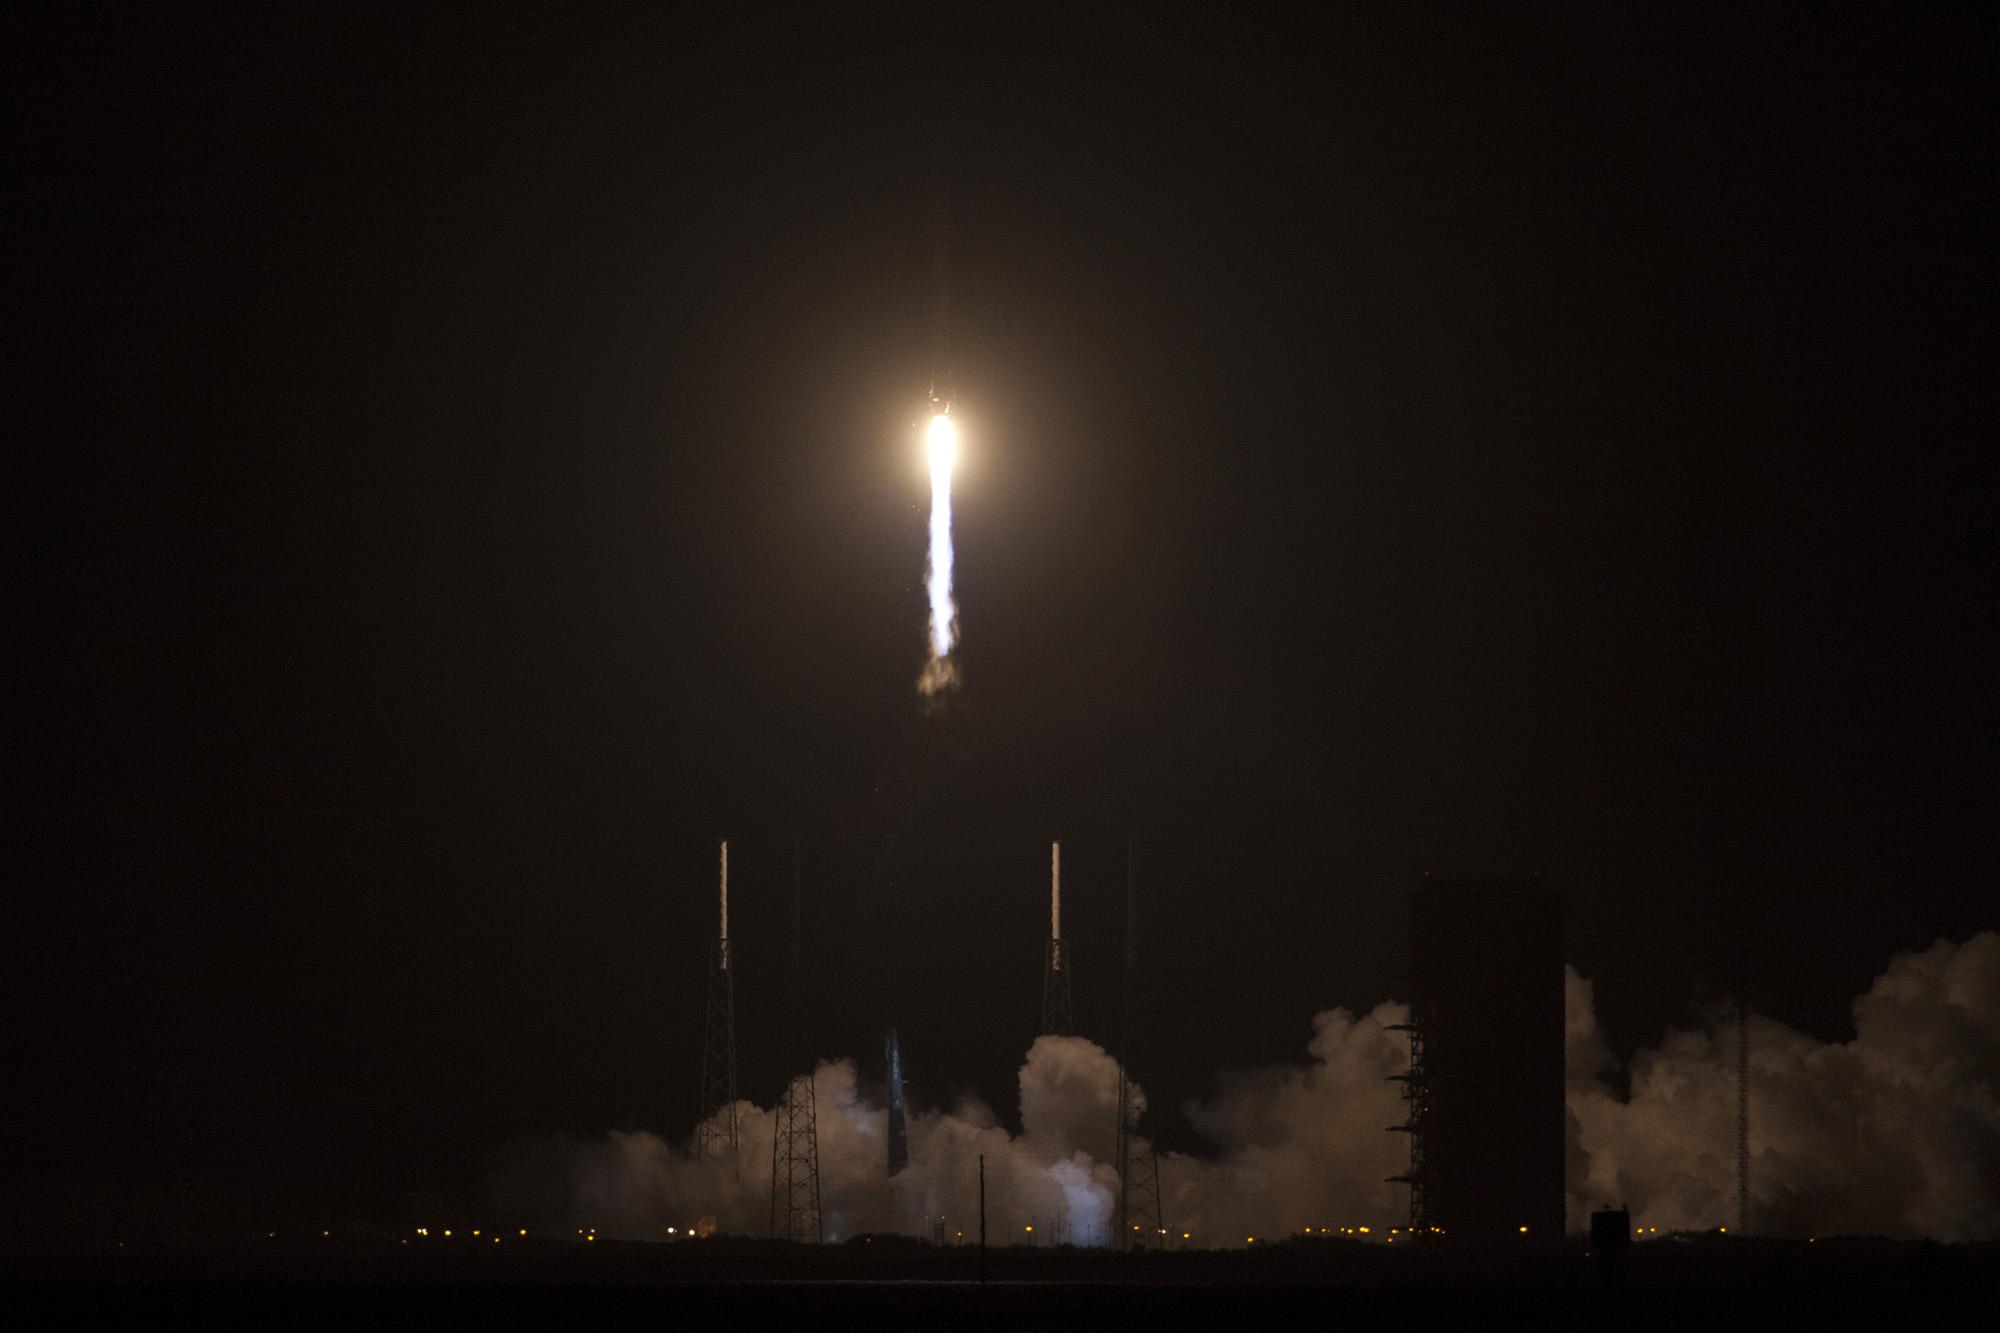 Atlas 5 Rocket Launches NASA's TDRS-K Satellite